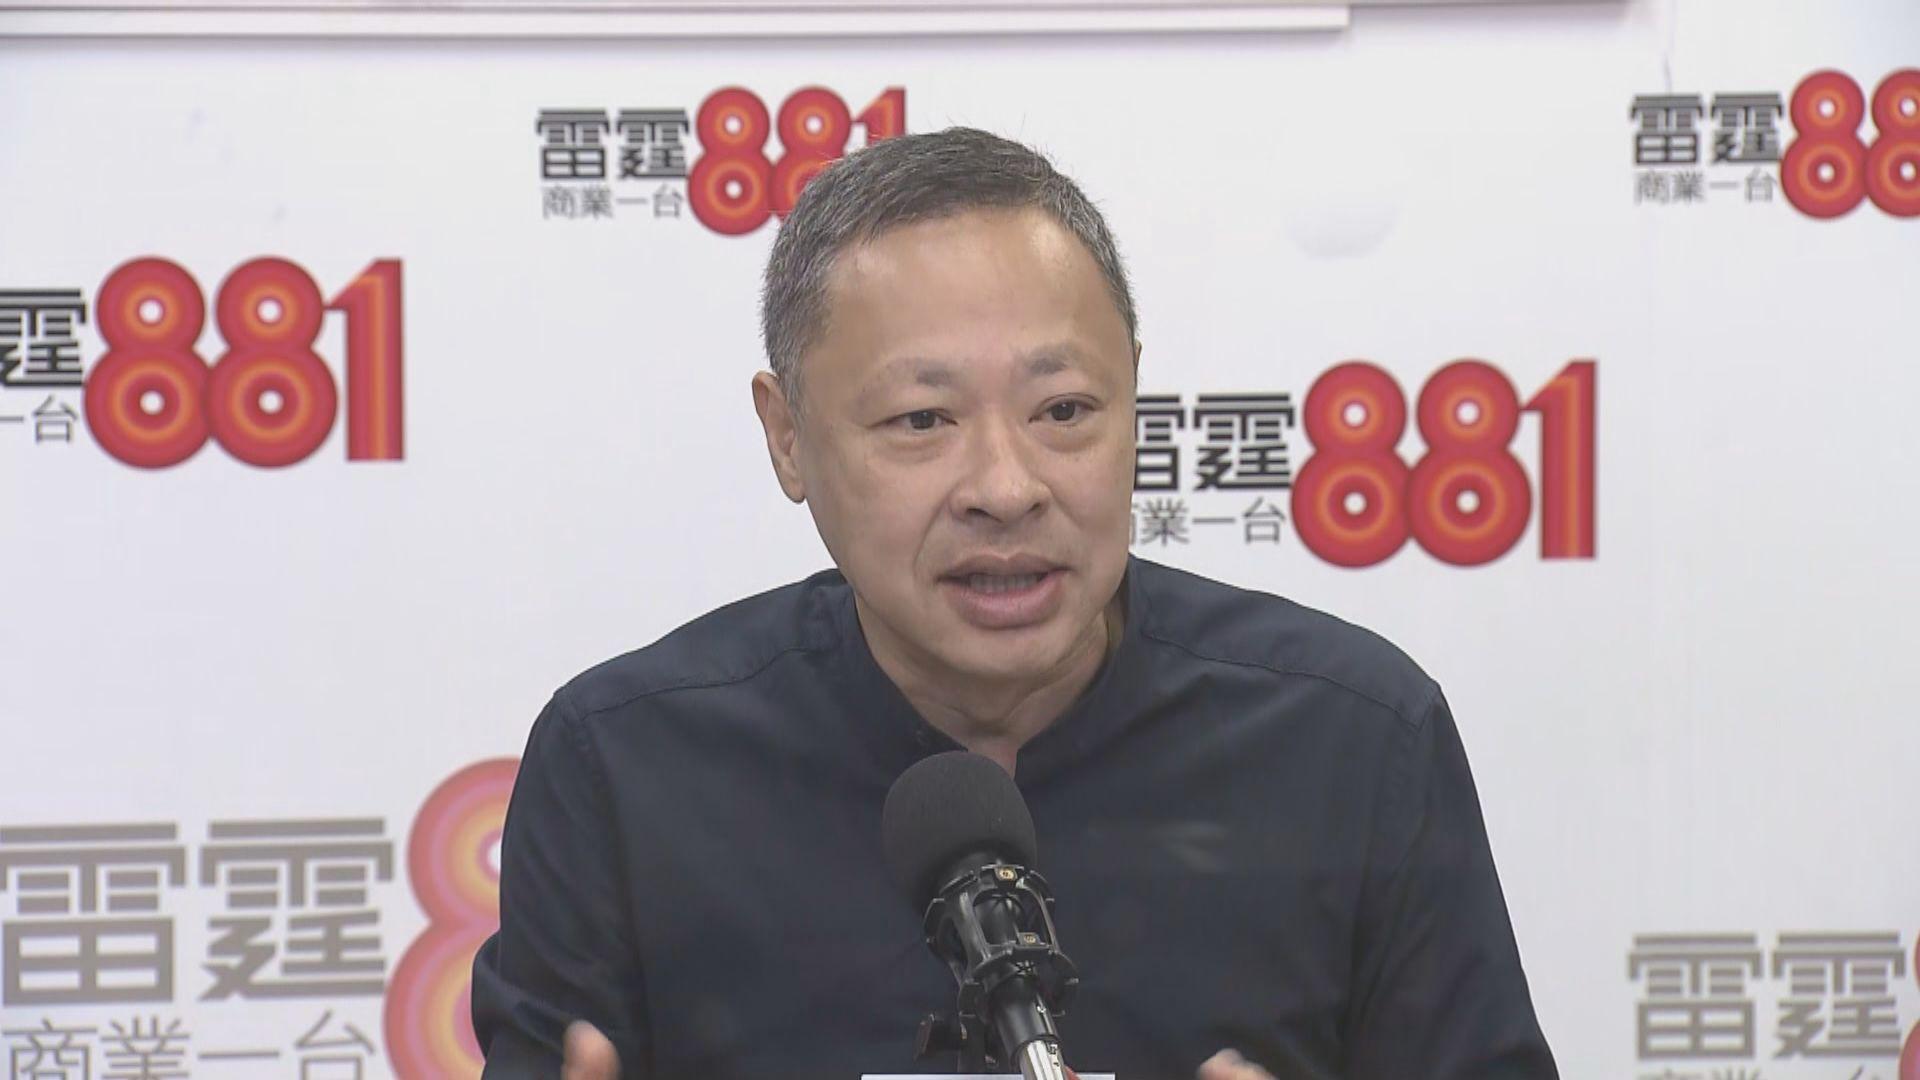 戴耀廷:民怨根源在於政府欠問責精神